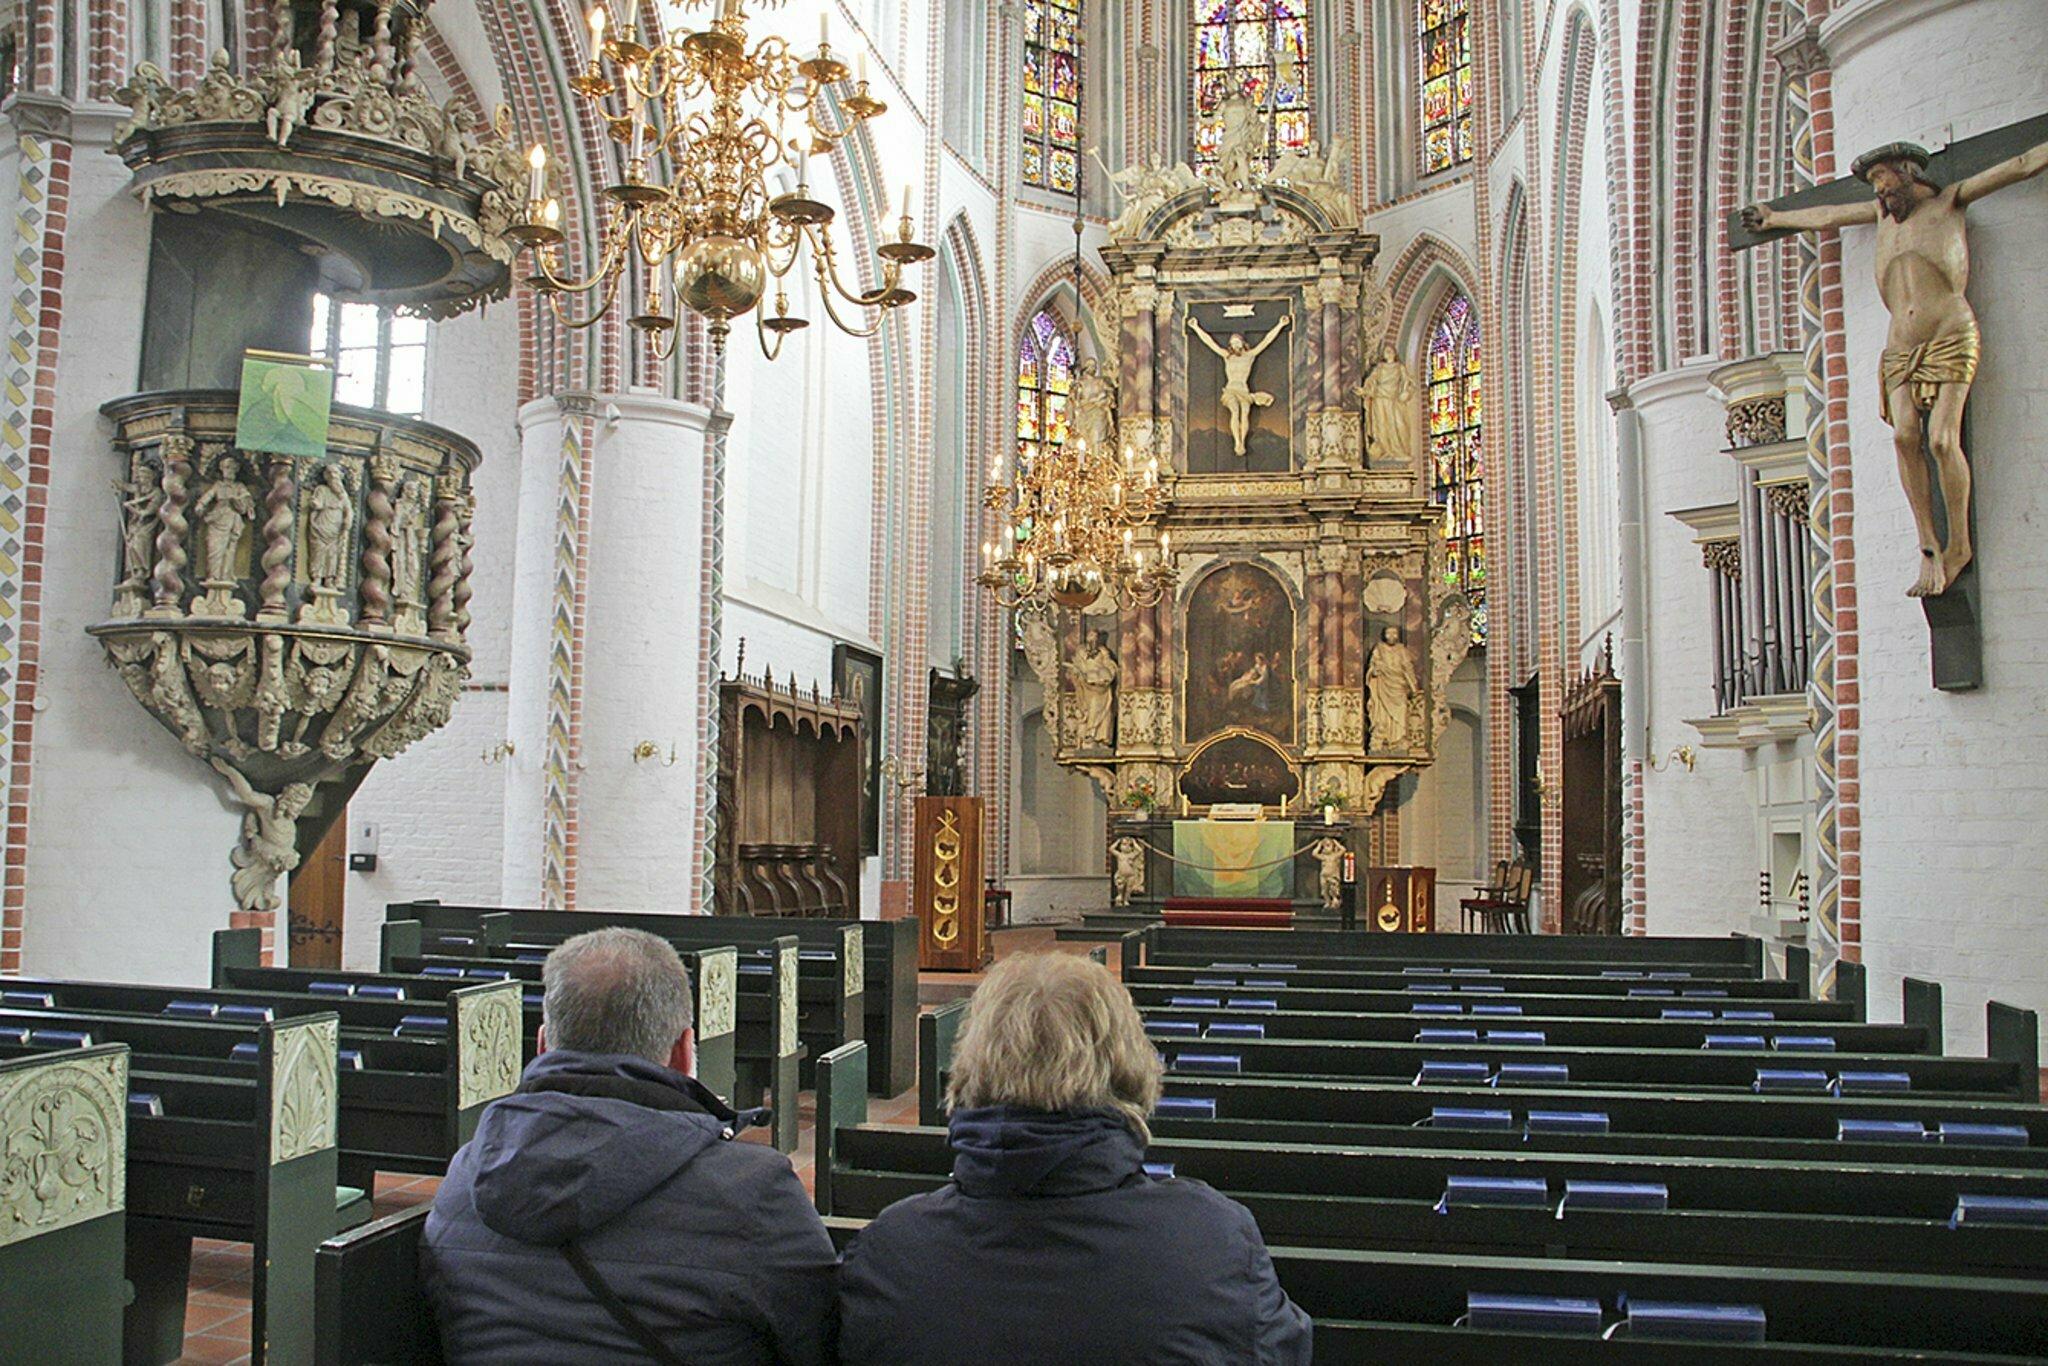 Einsparungen und neue Wege: Interview mit Buxtehudes Superintendent                                                                  Wird für den Gottesdienstbesuch bald Eintritt fällig, Herr Krarup?